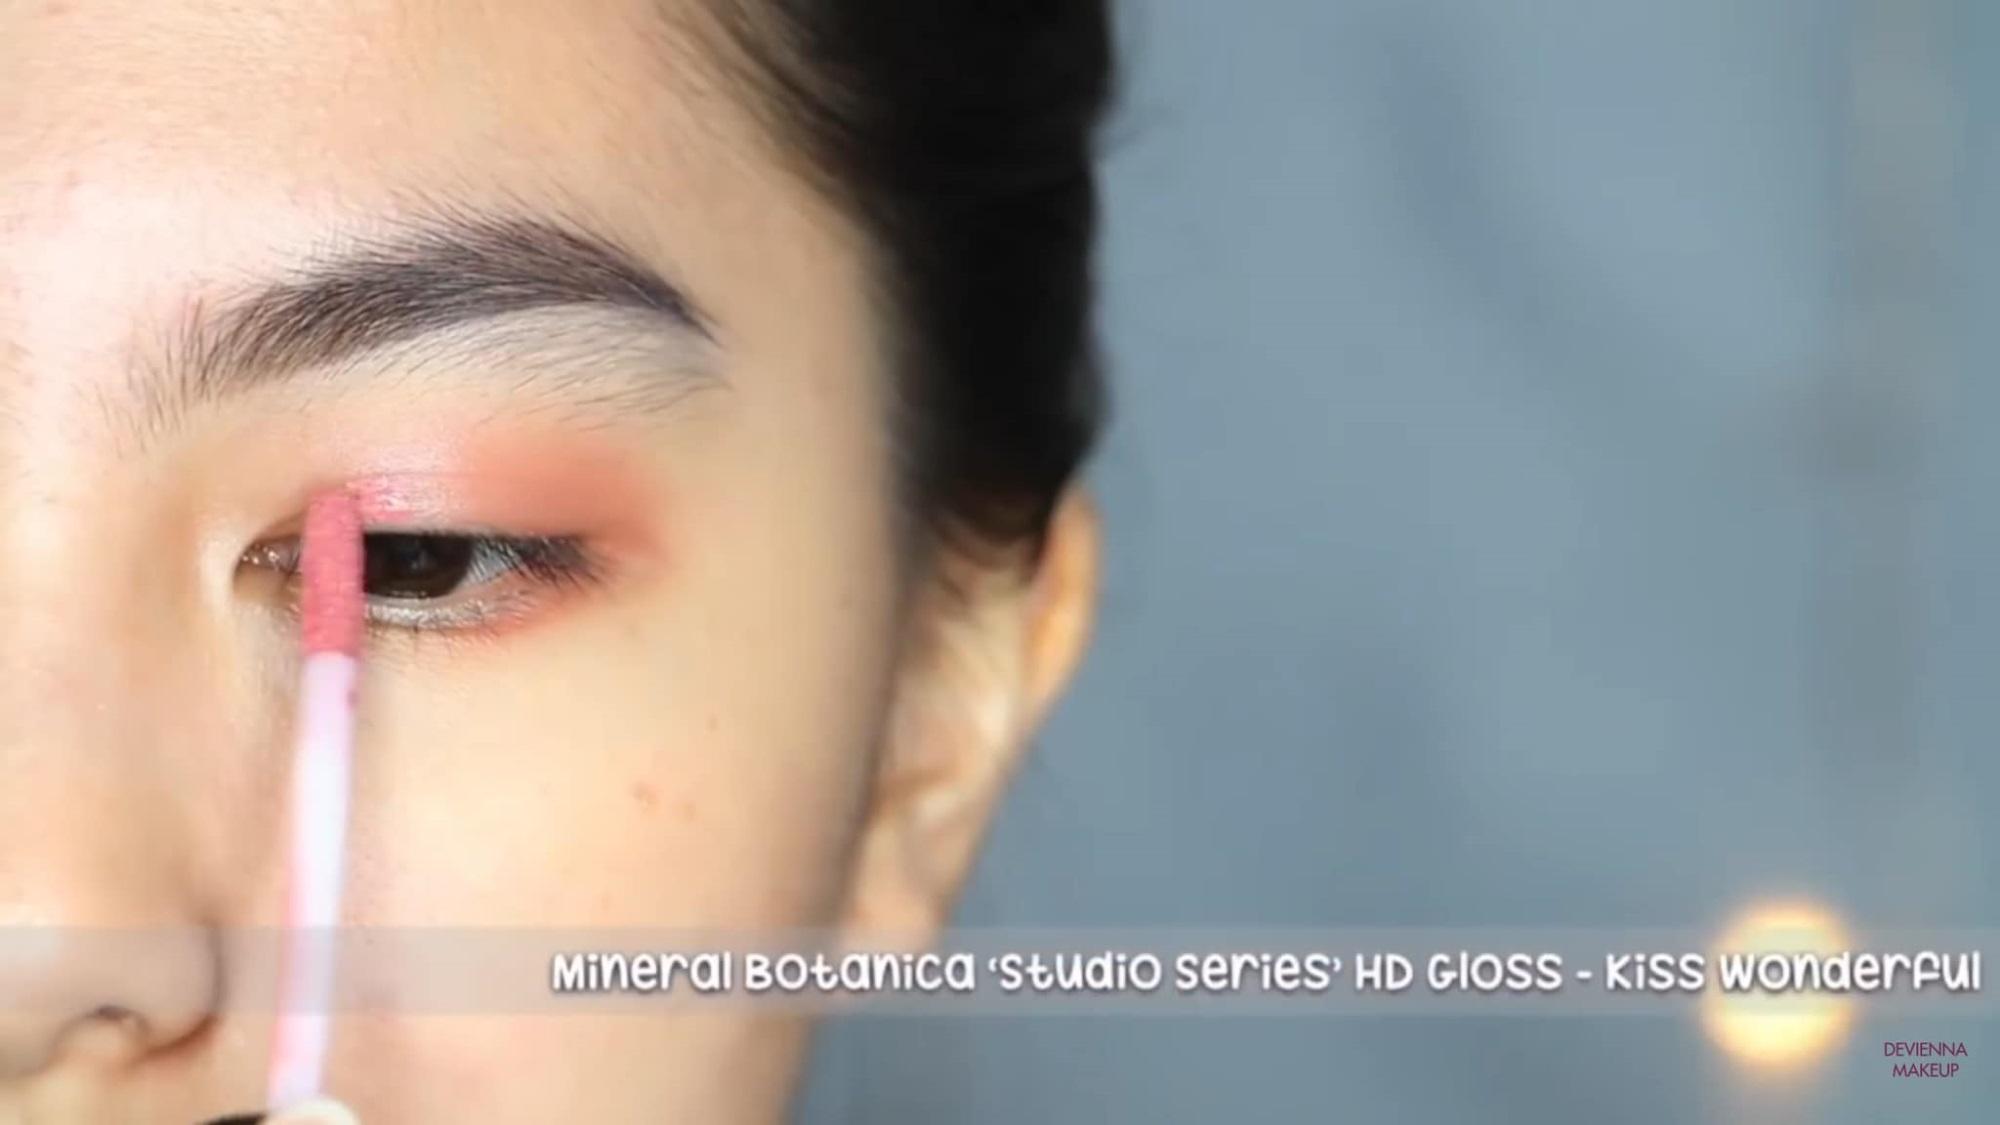 Công thức trang điểm cho các nàng lười: từ má, môi đến mắt chỉ son là đủ - Ảnh 5